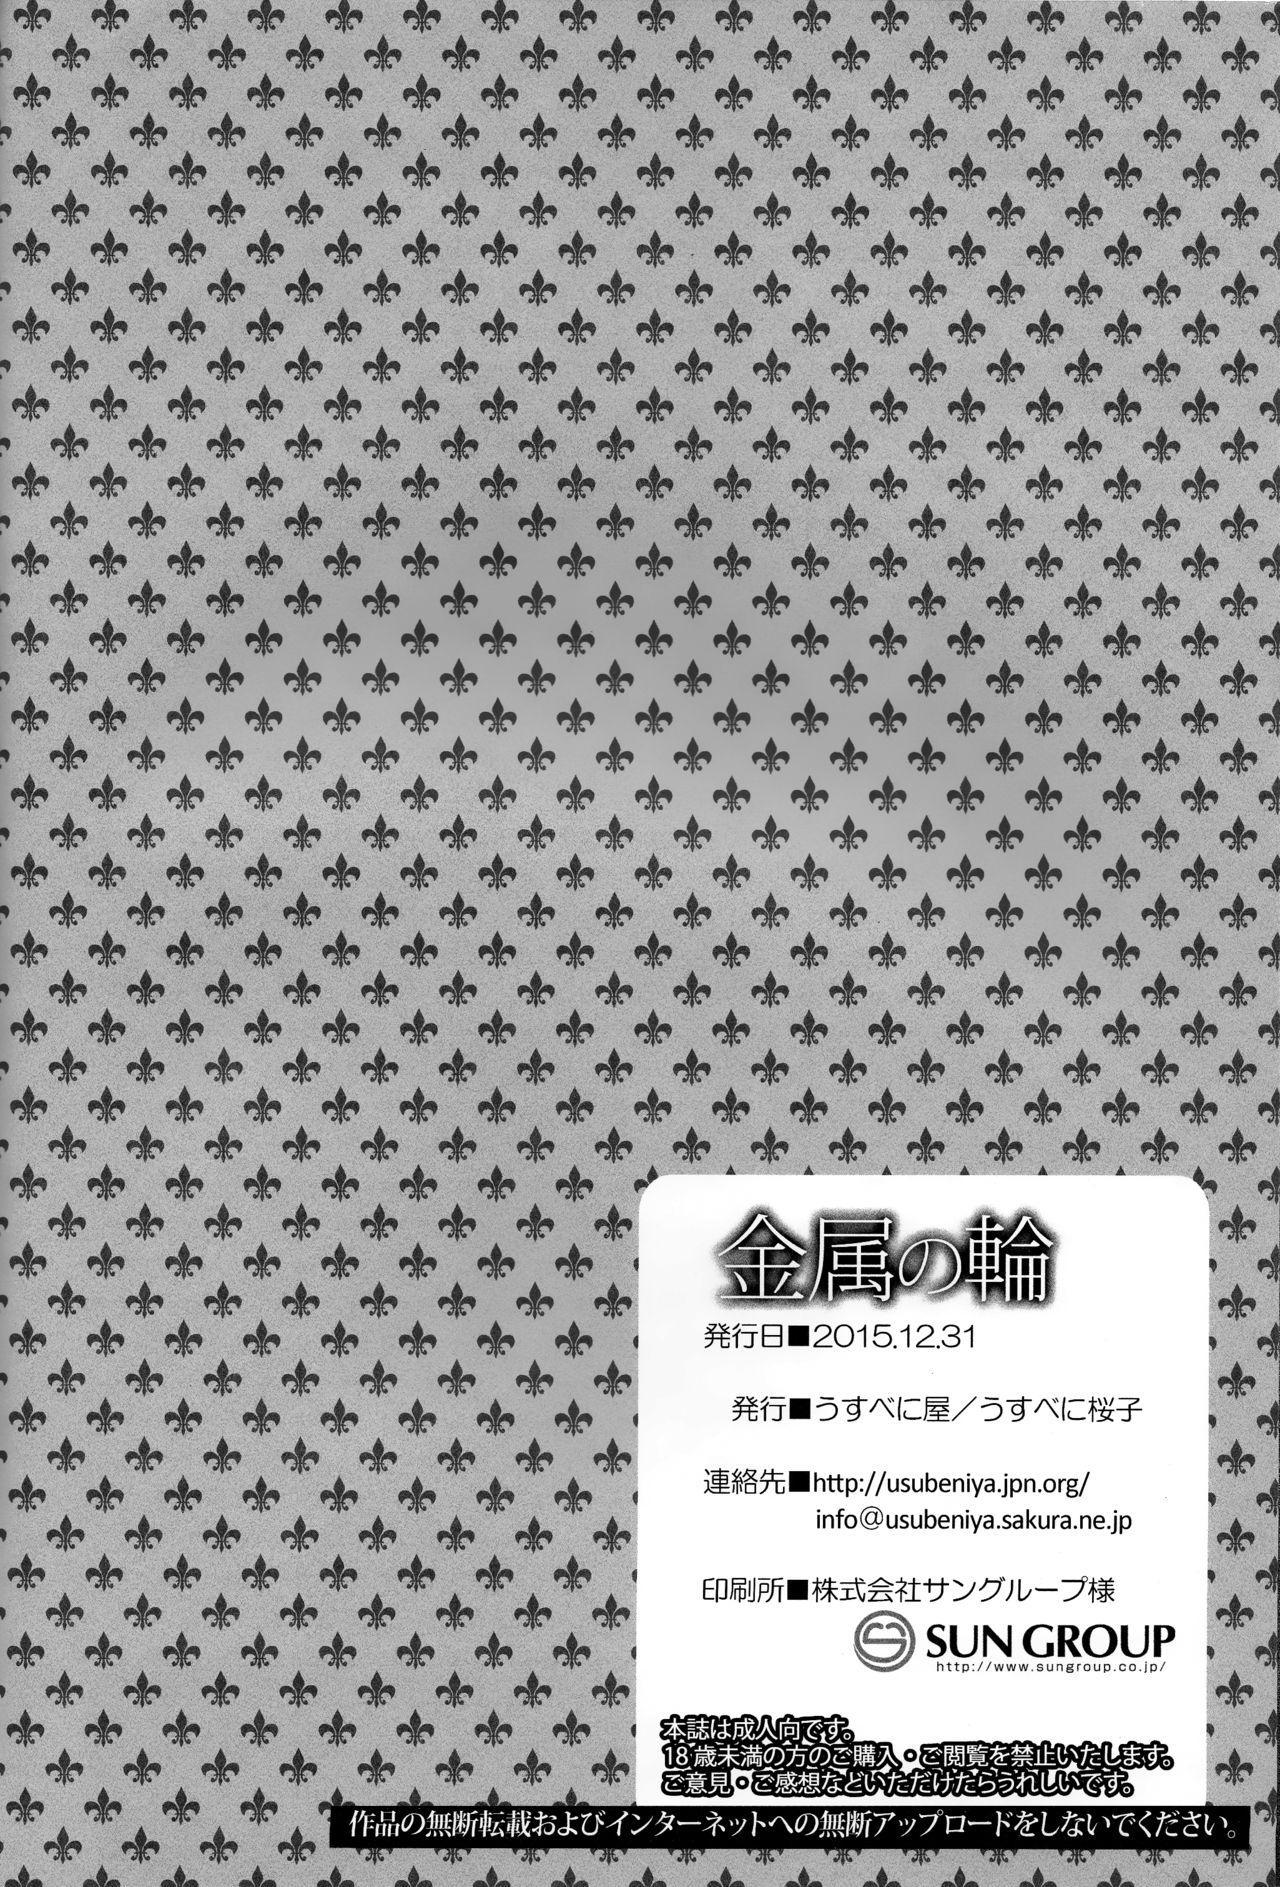 Kinzoku no wa 24